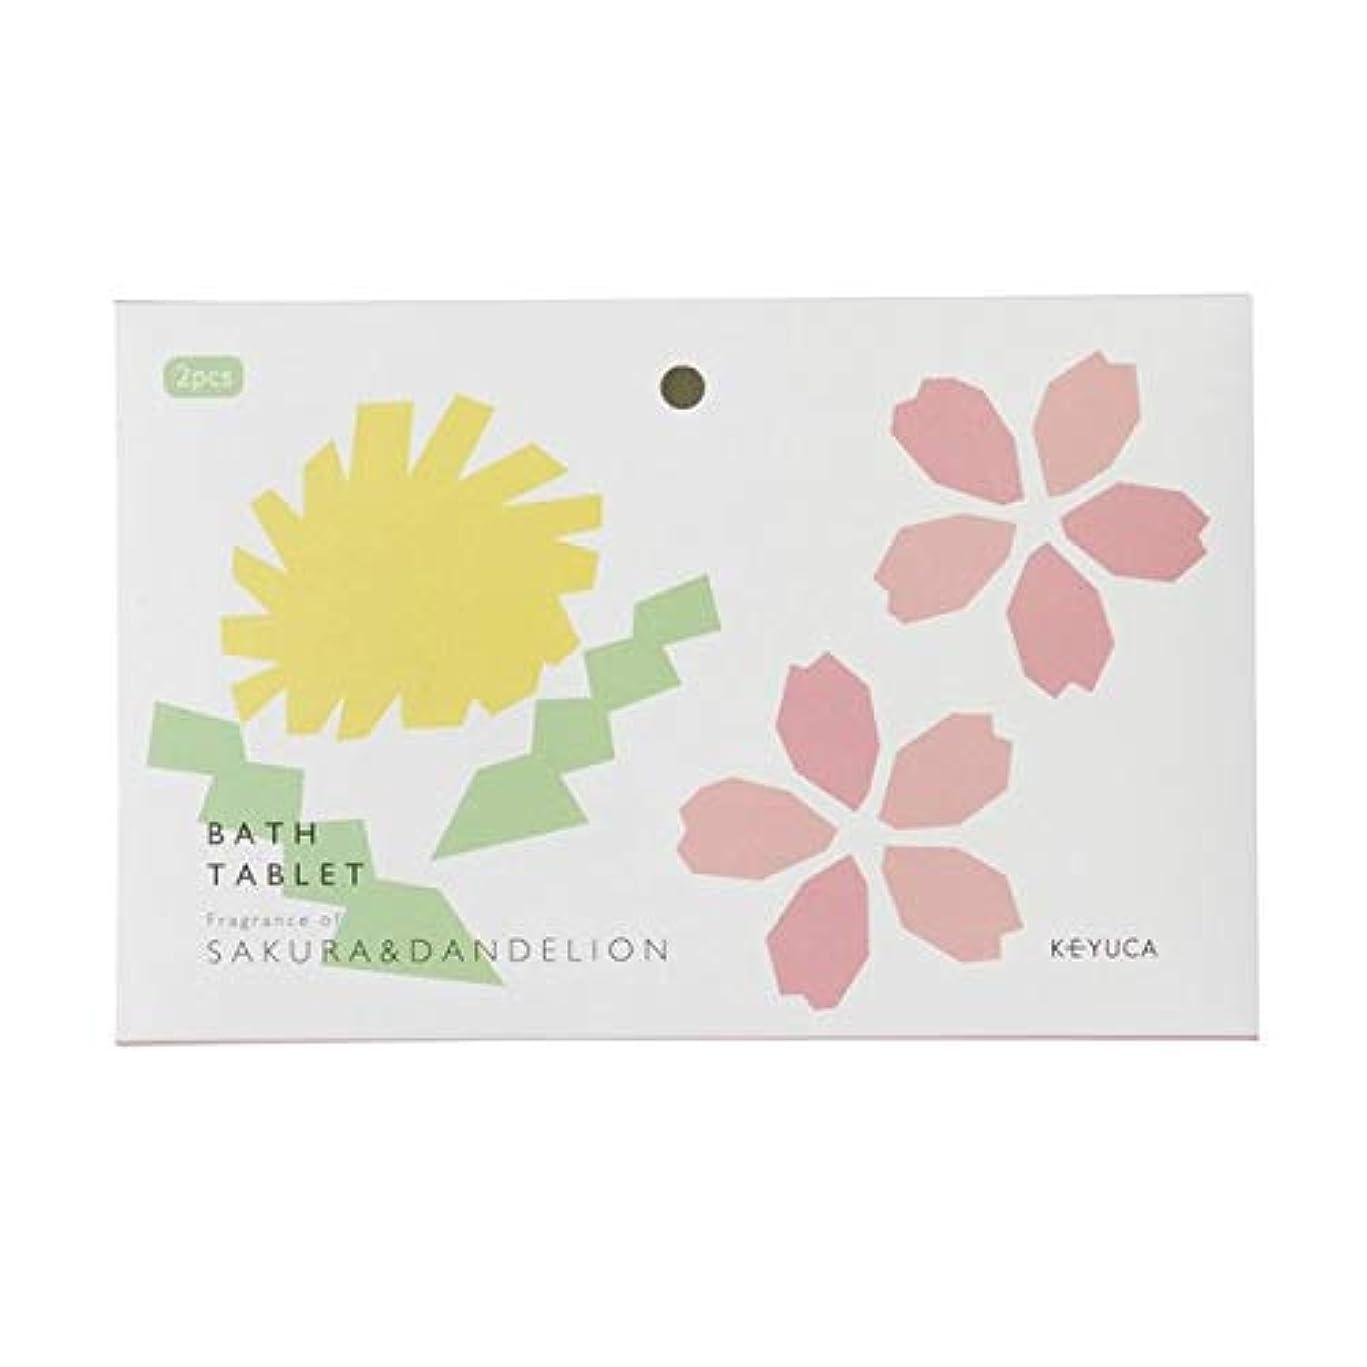 見てスイス人KEYUCA(ケユカ) バスタブレット サクラ&タンポポ